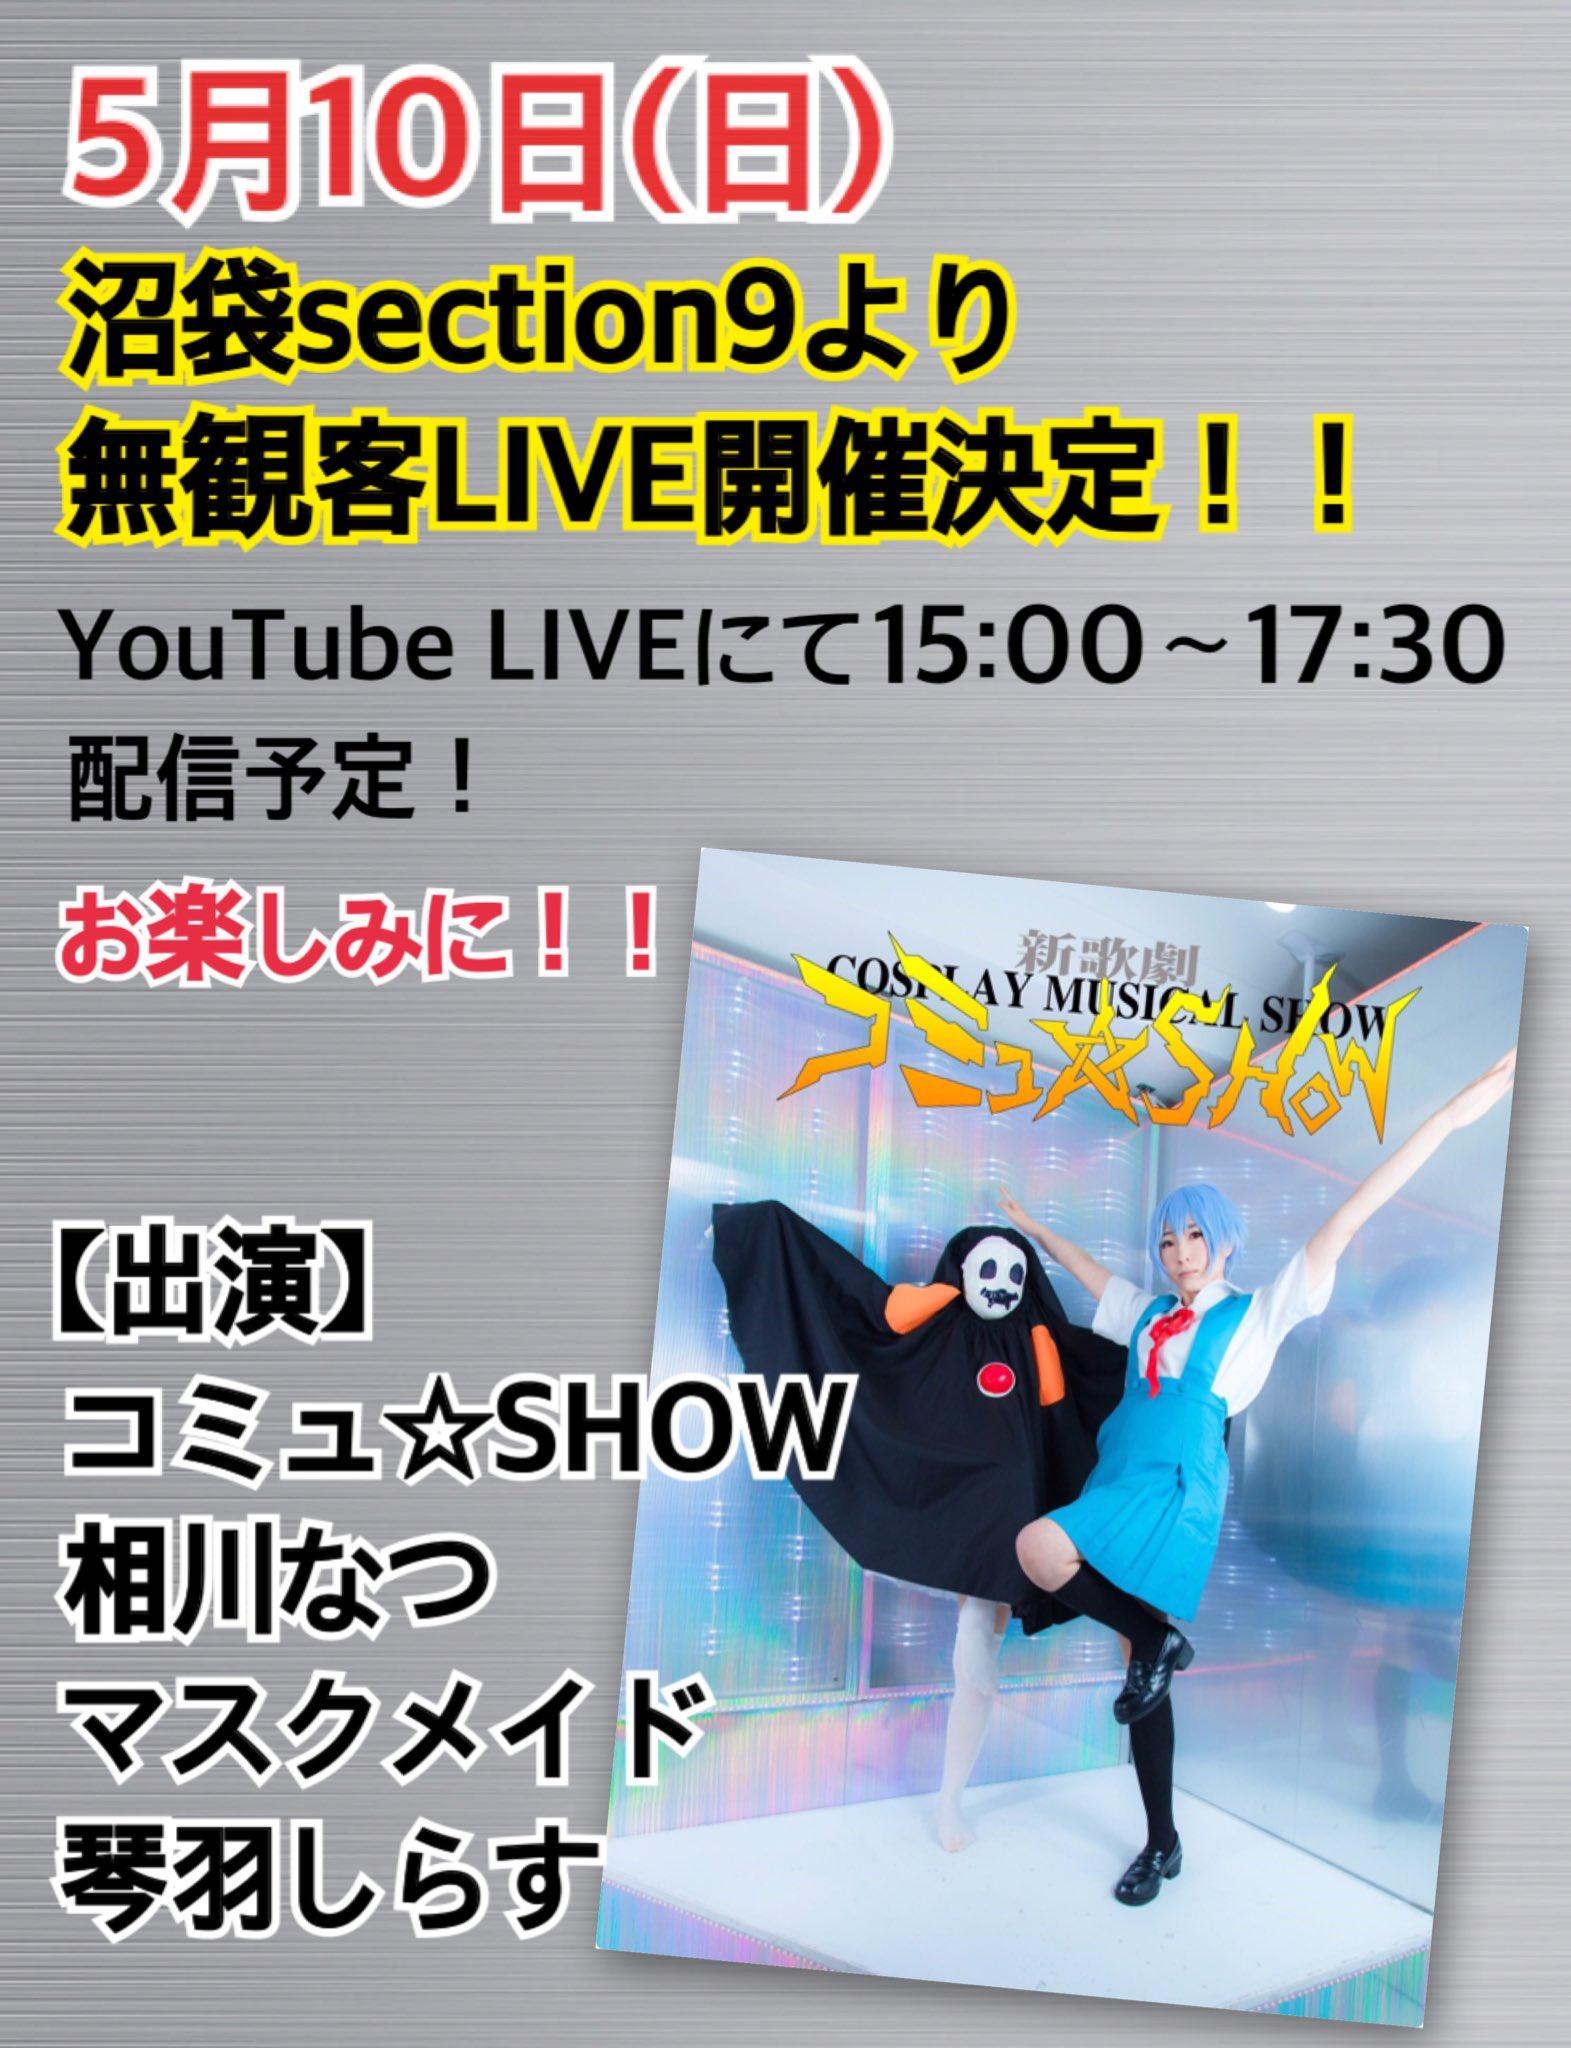 沼袋section9より無観客ライブ